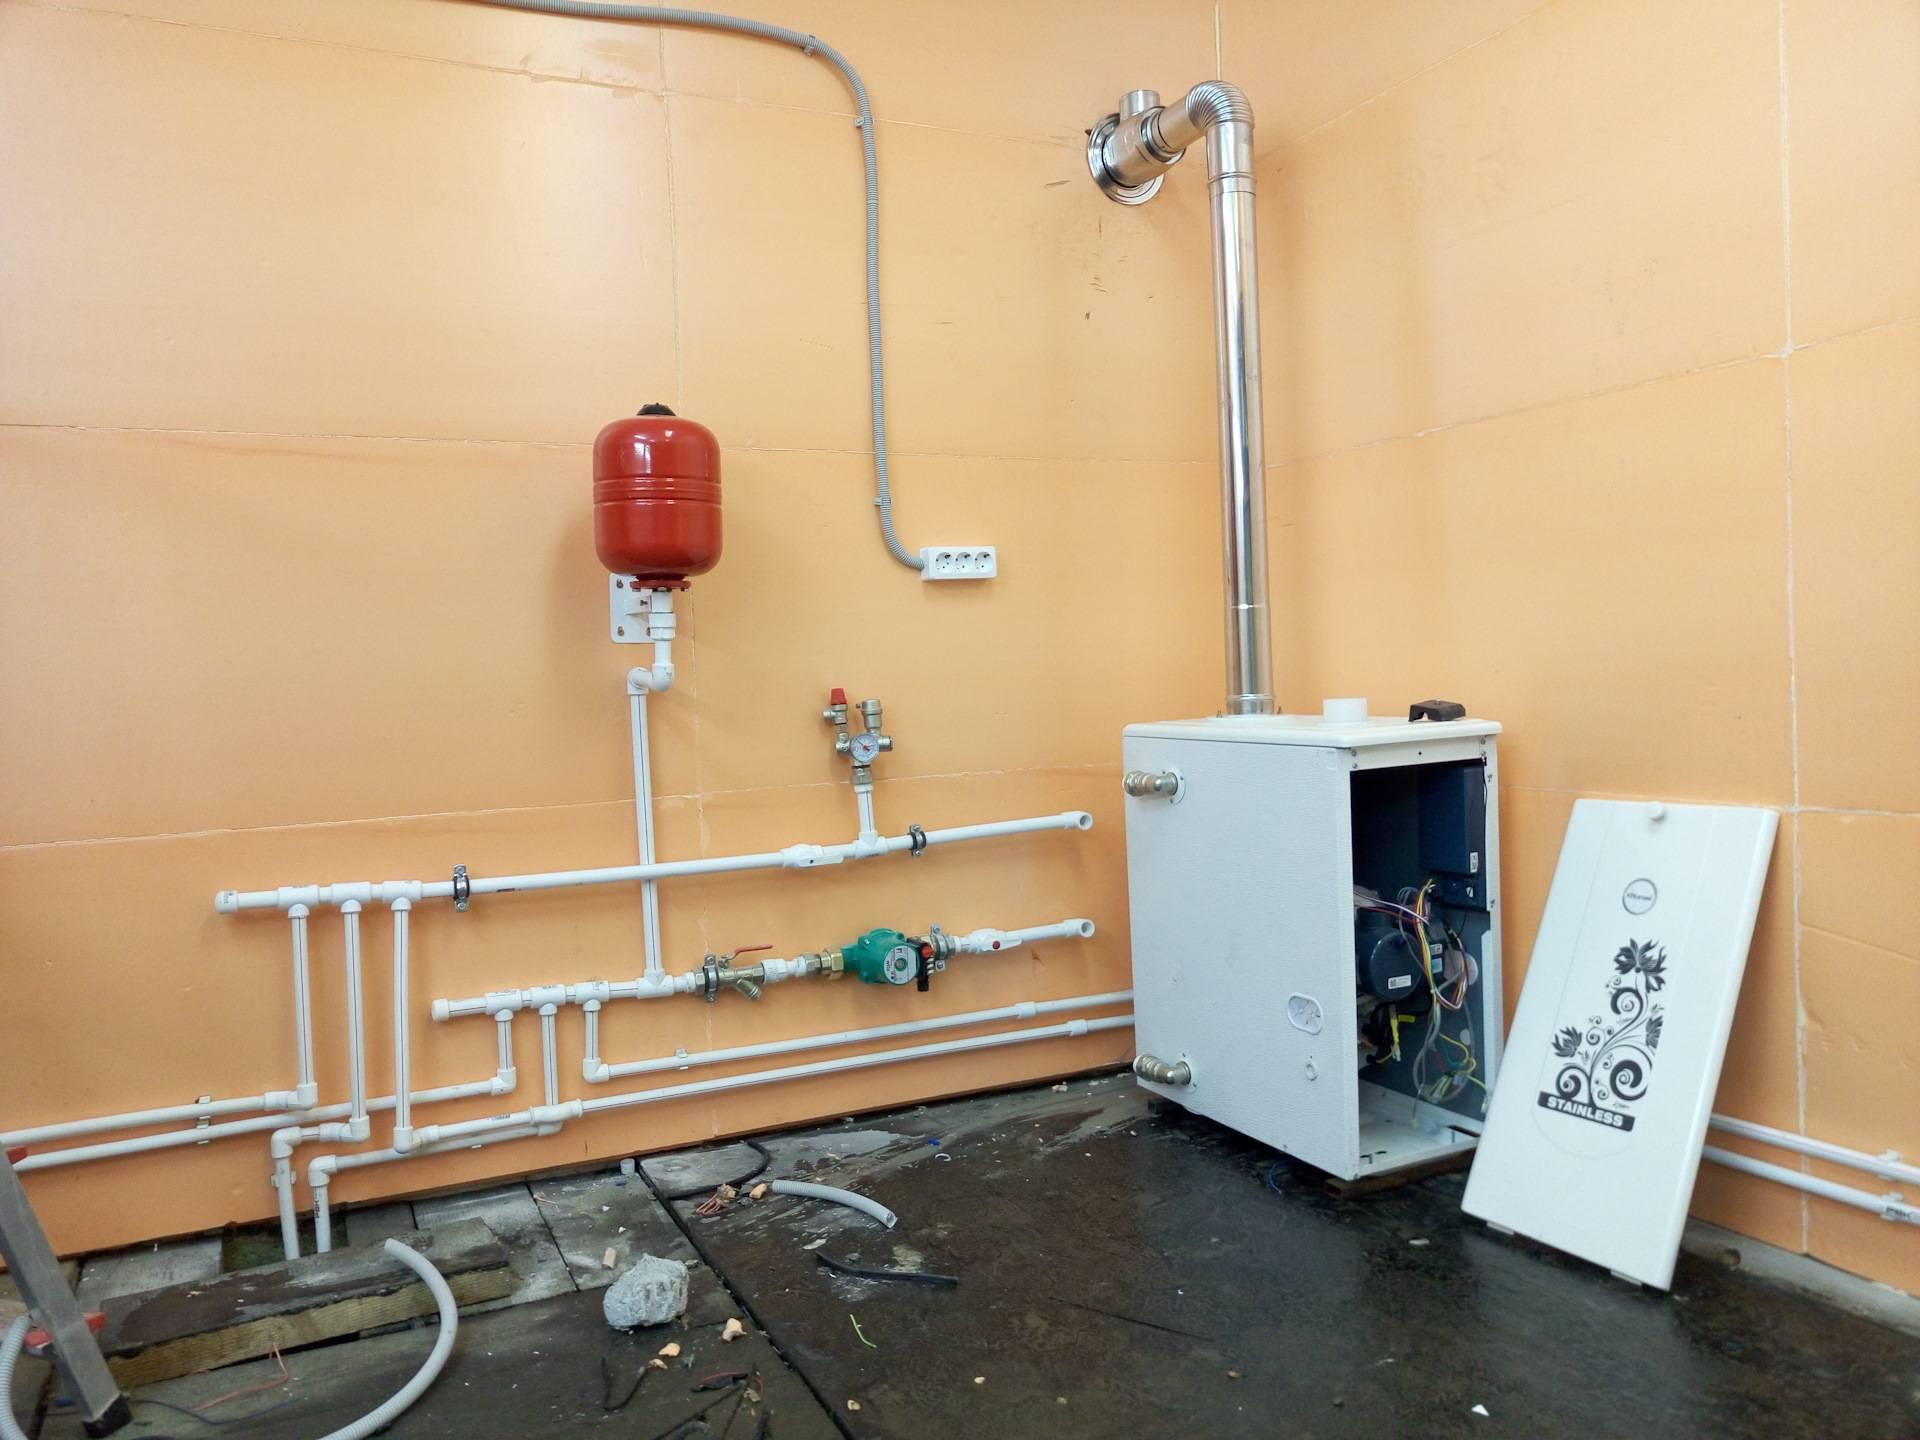 Отопление гаража своими руками - экономно, практично, безопасно. типы отопительных систем